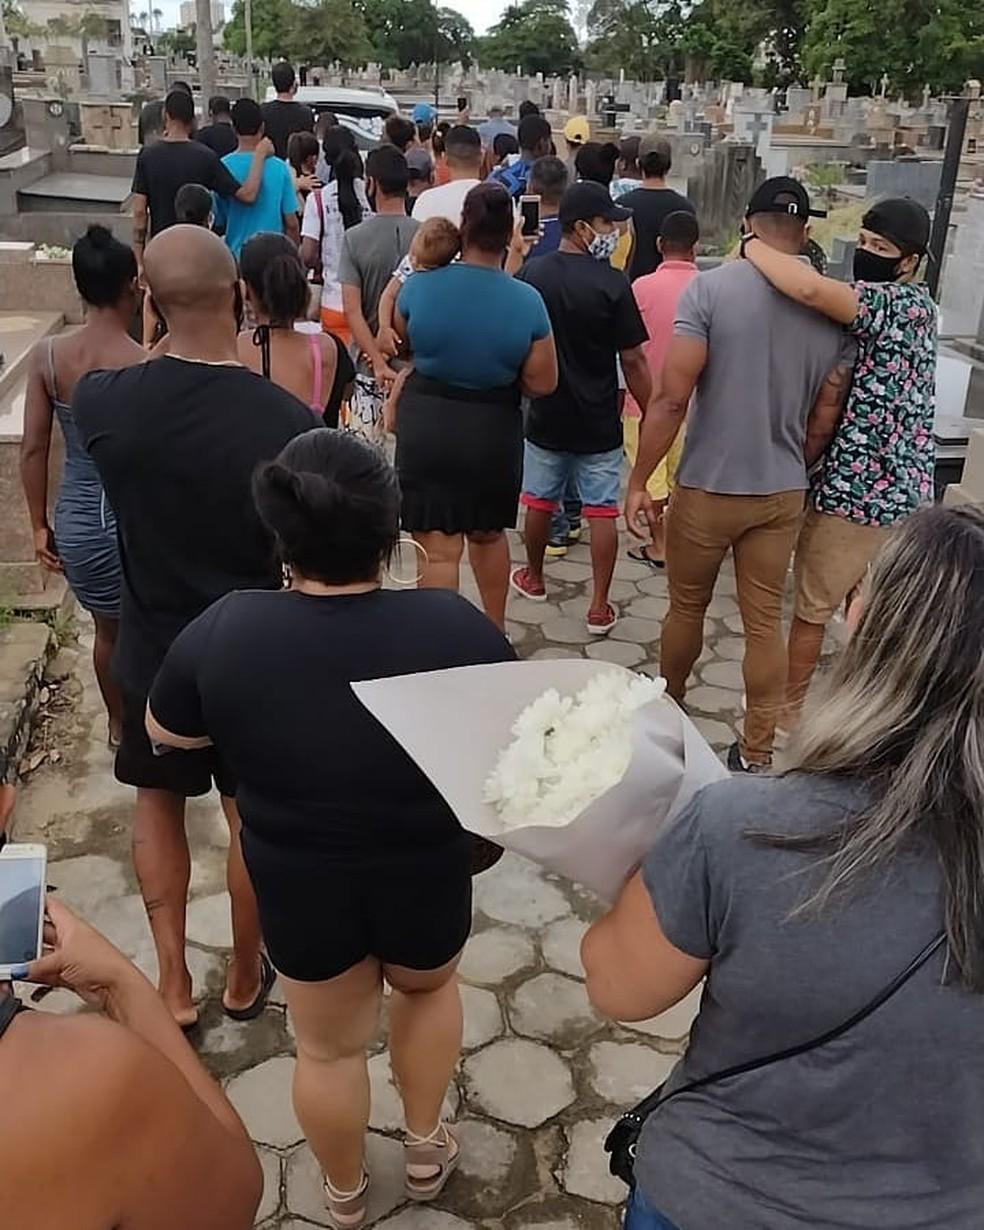 Corpo de Mc Kallebe, de 16 anos, foi sepultado no cemitério do Caju, em Campos, no RJ — Foto: Reprodução/Facebook Edmilson Parango Monteiro